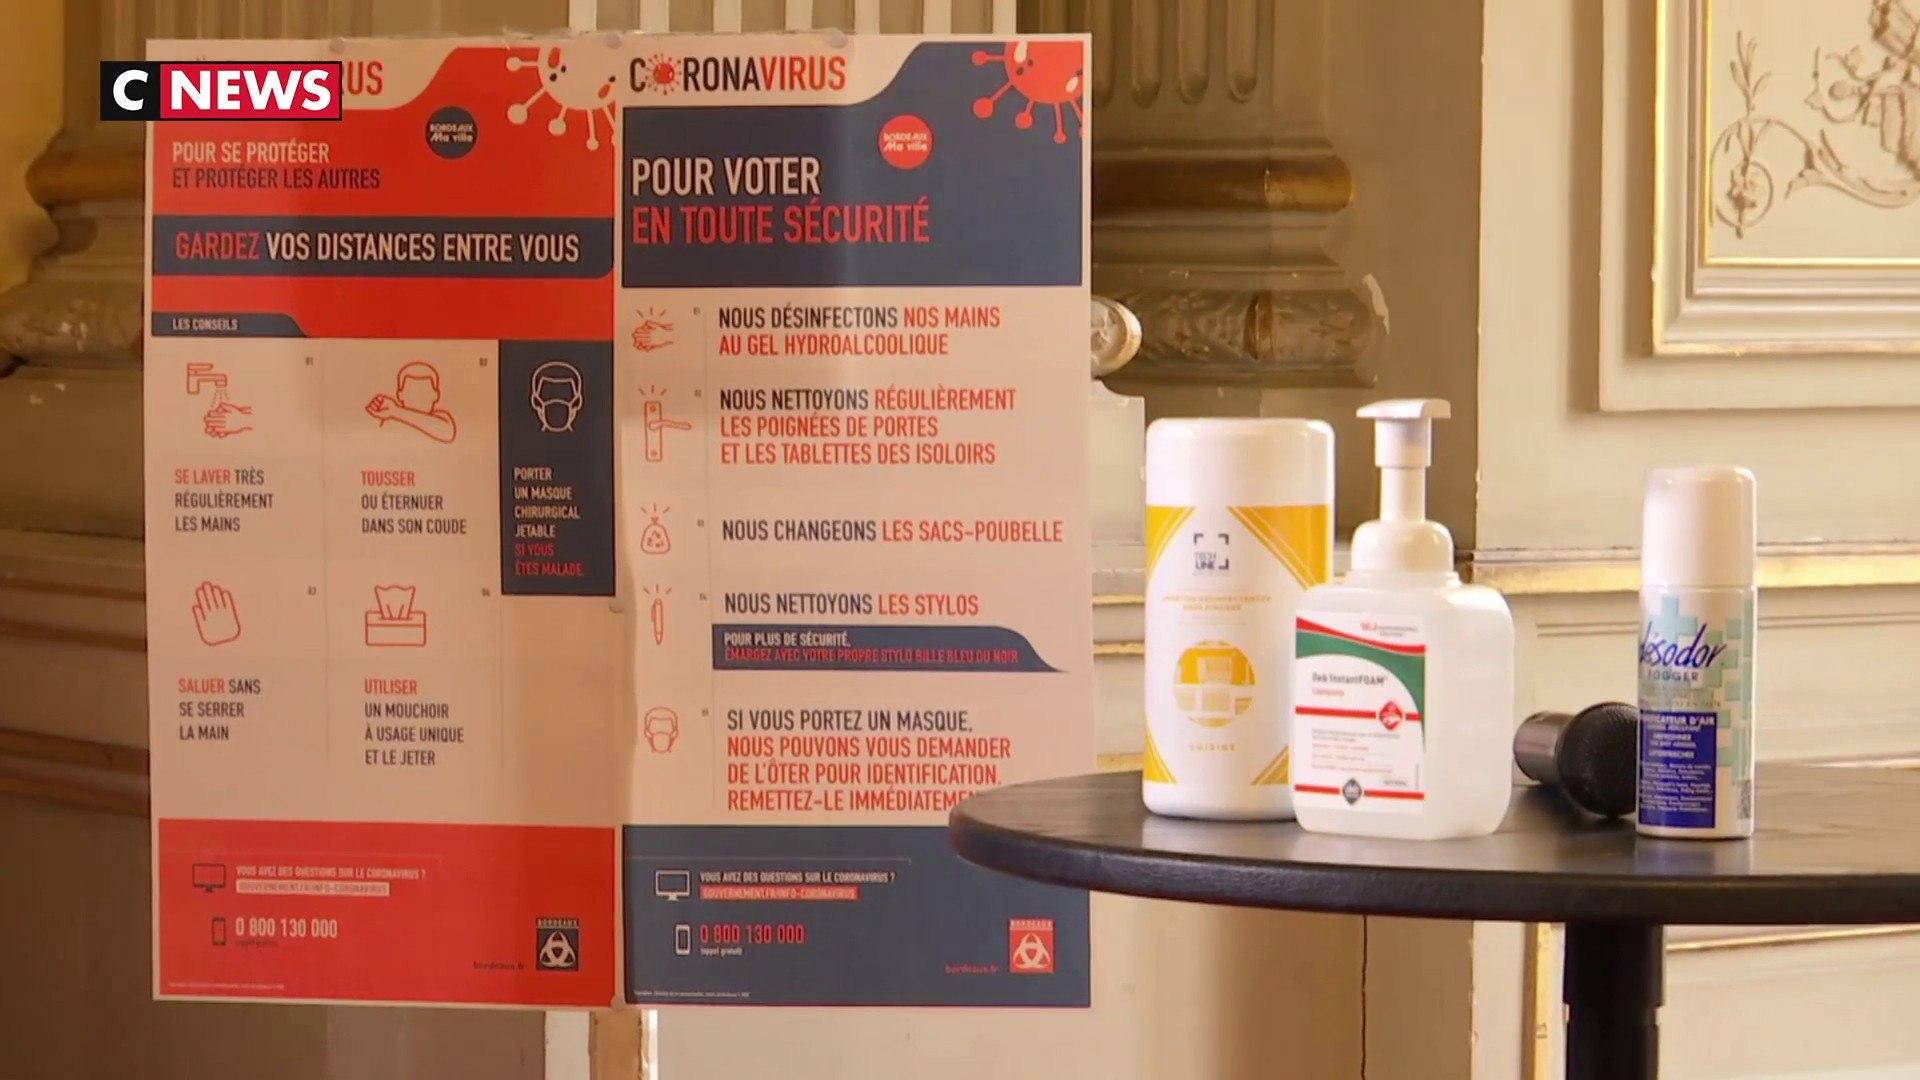 Coronavirus : la mairie de Bordeaux s'organise pour rassurer les électeurs